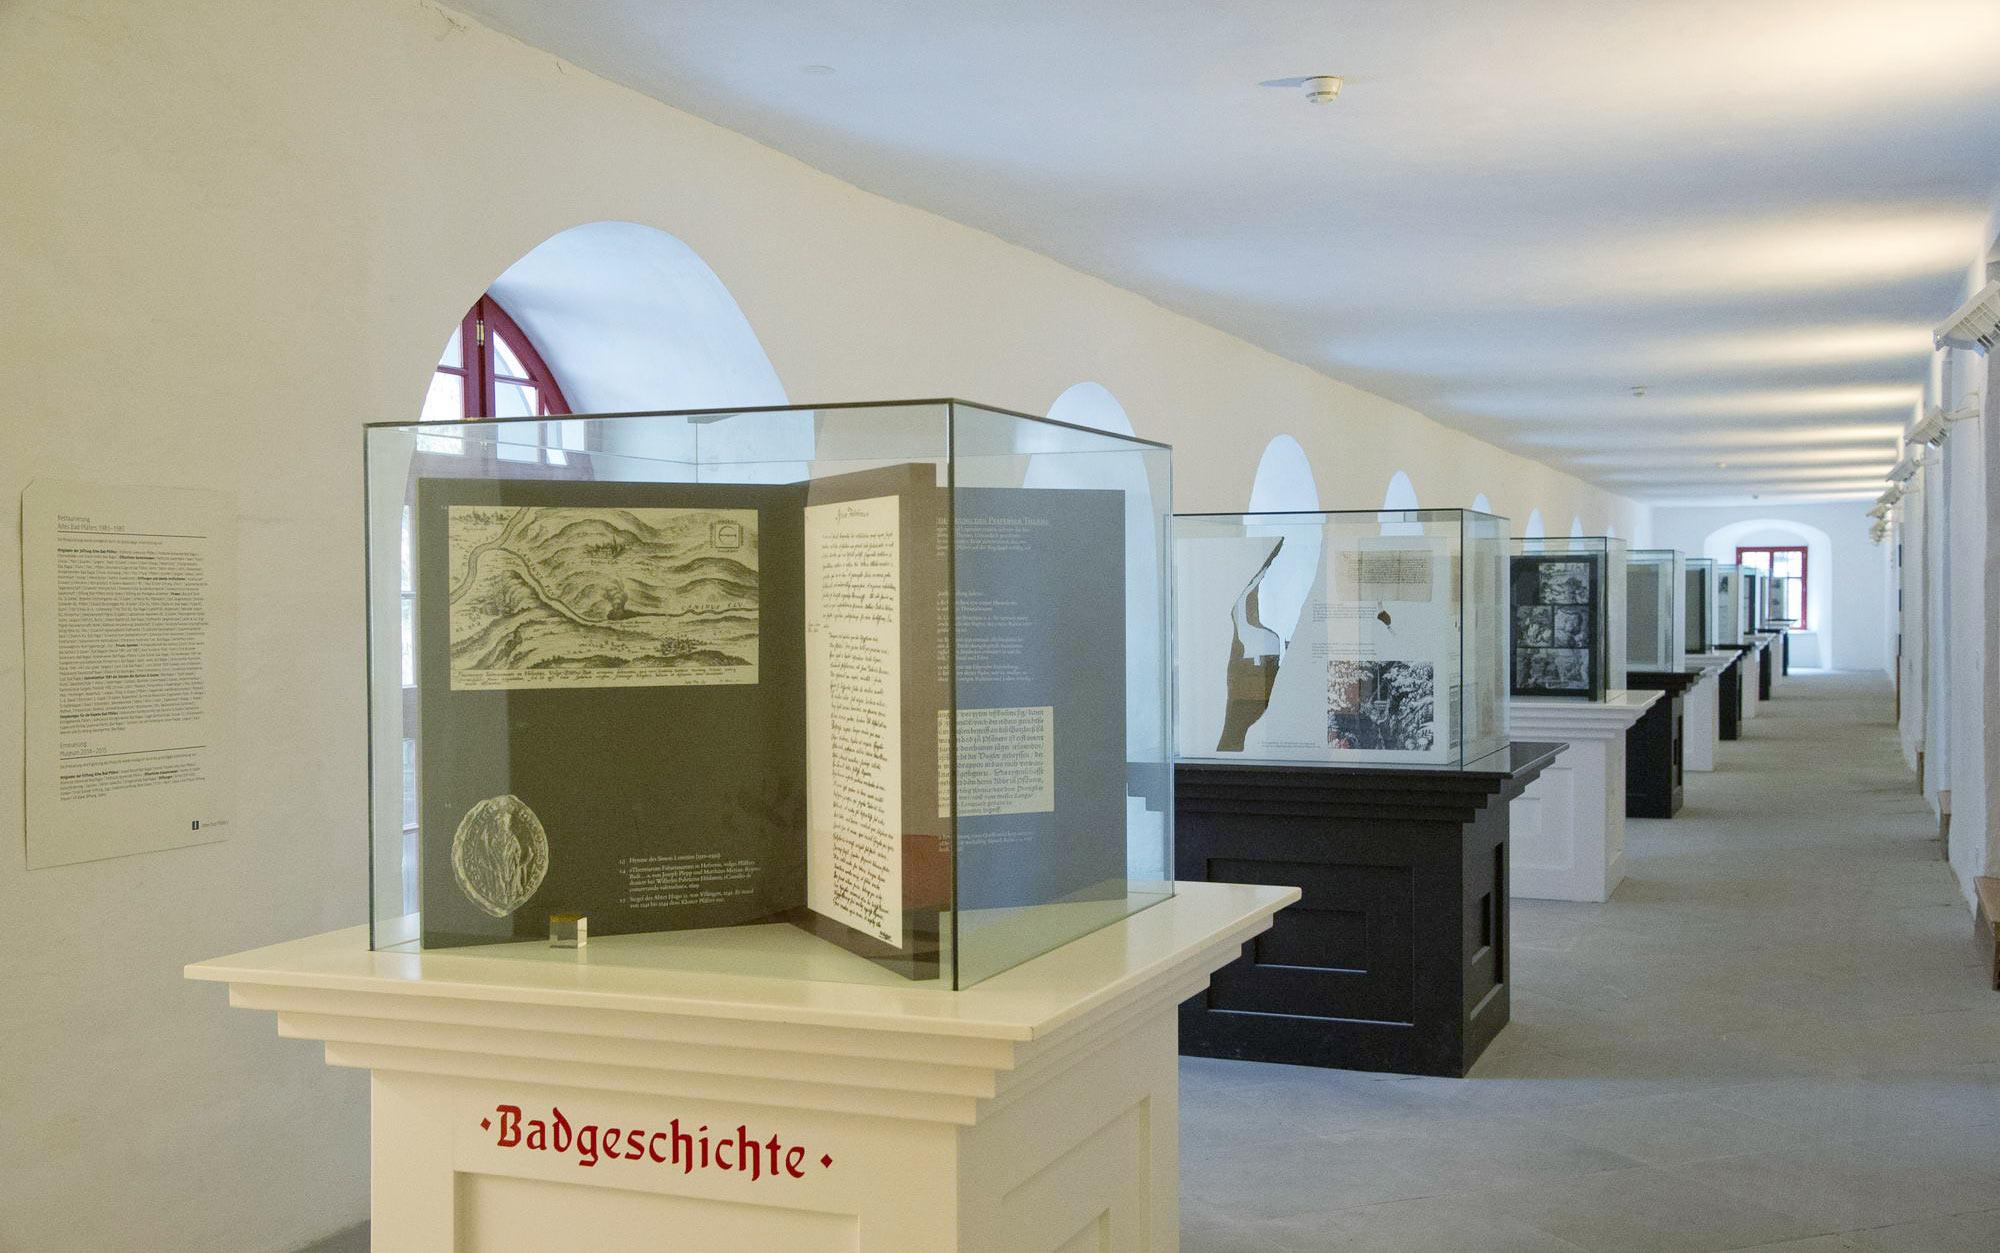 museum badgeschichte altes bad pf fers. Black Bedroom Furniture Sets. Home Design Ideas